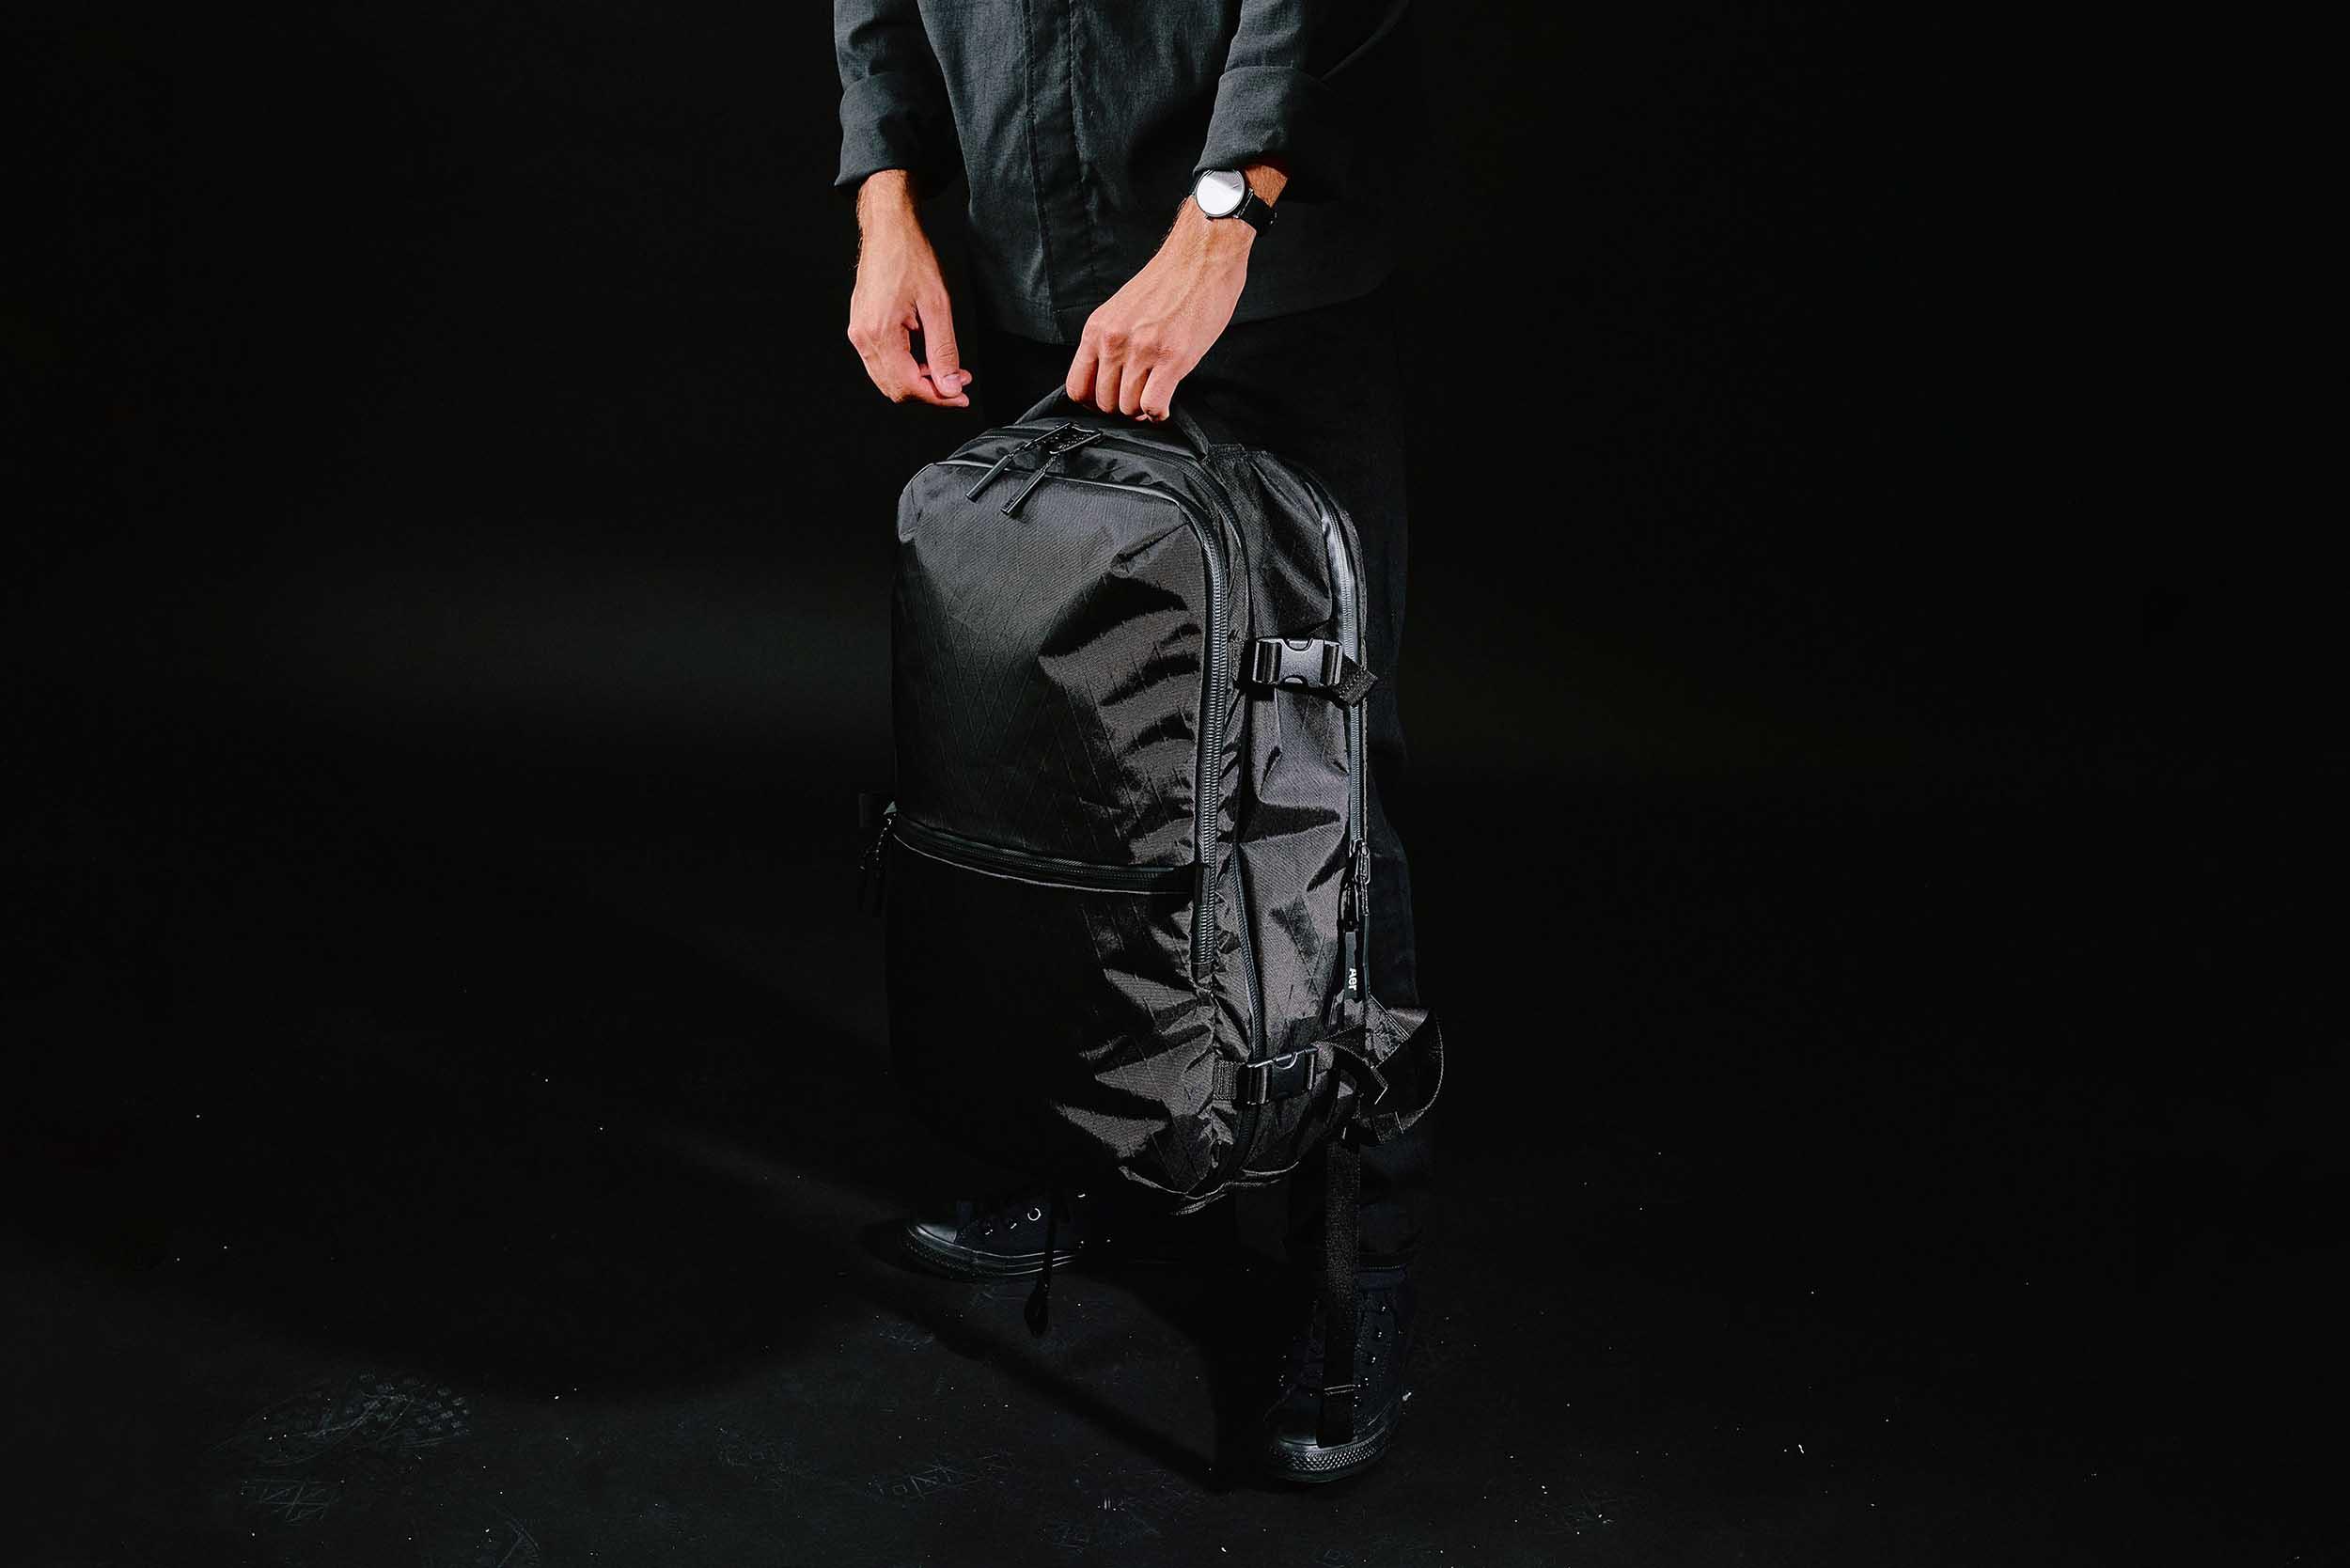 aer_travelpack2_xpac_3.jpg